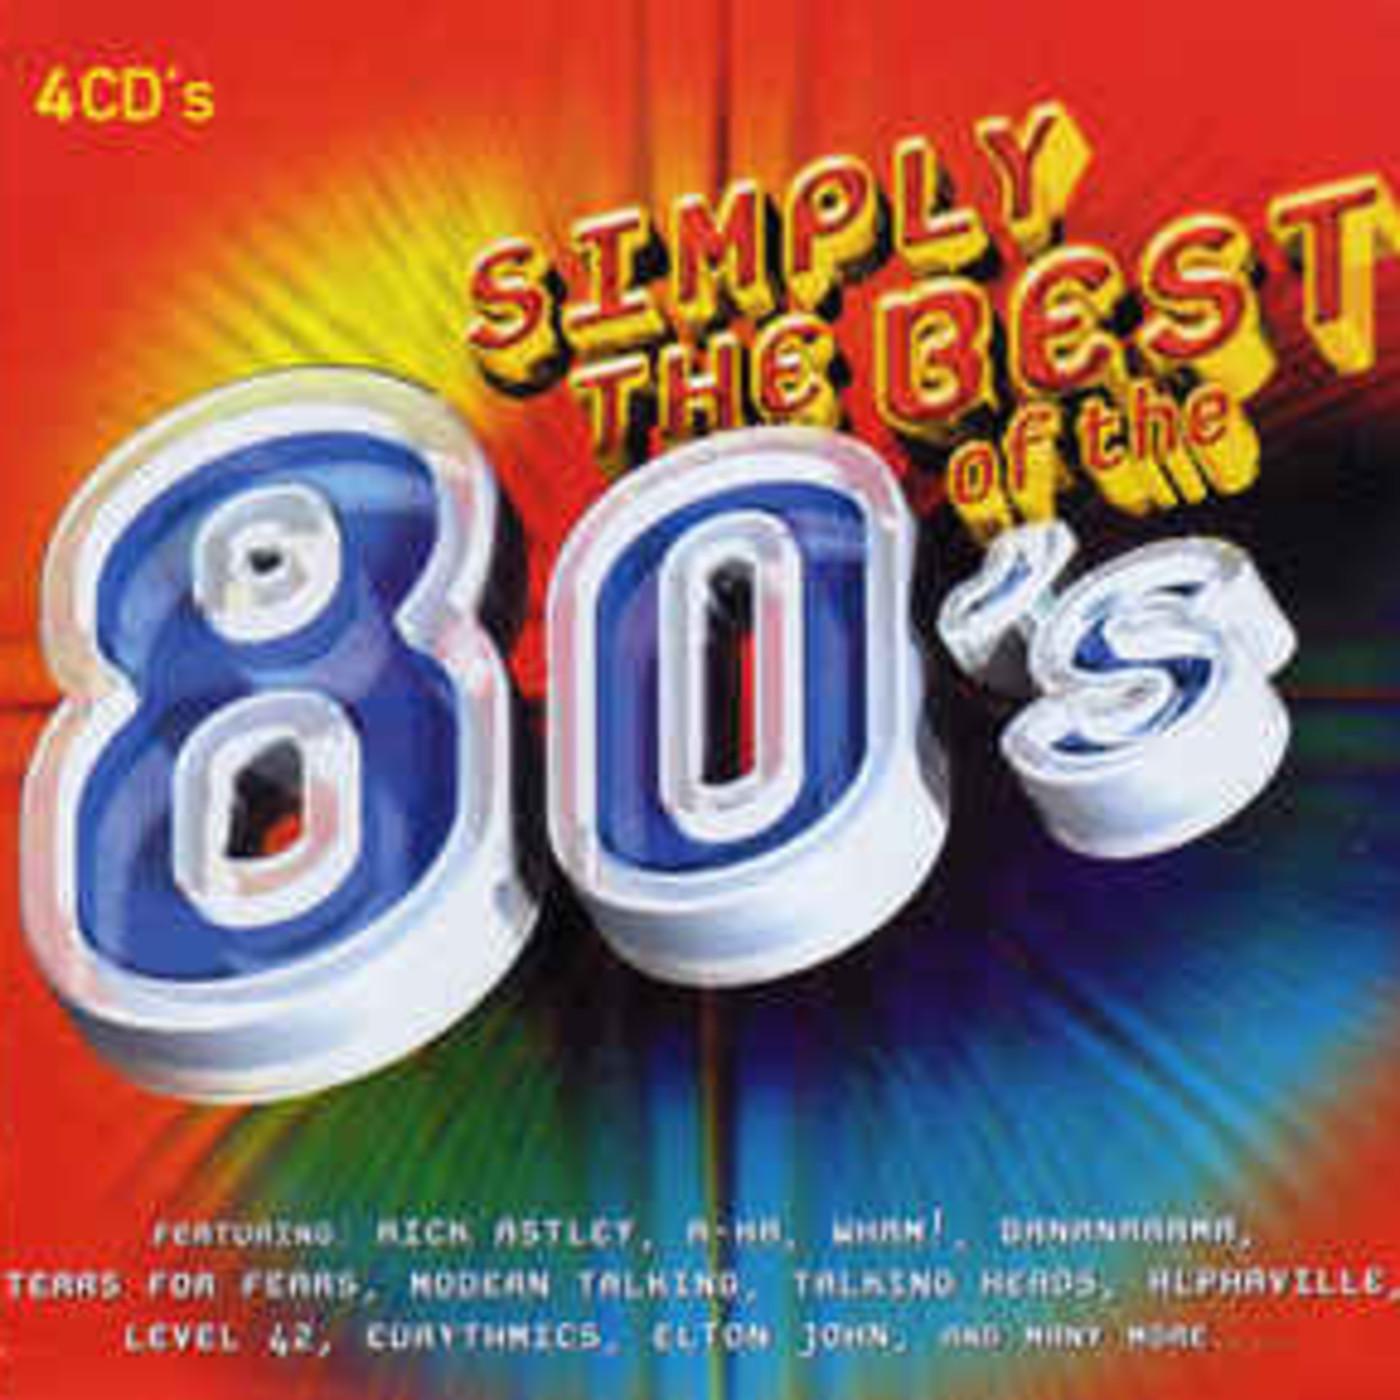 La mejor música de los 80's